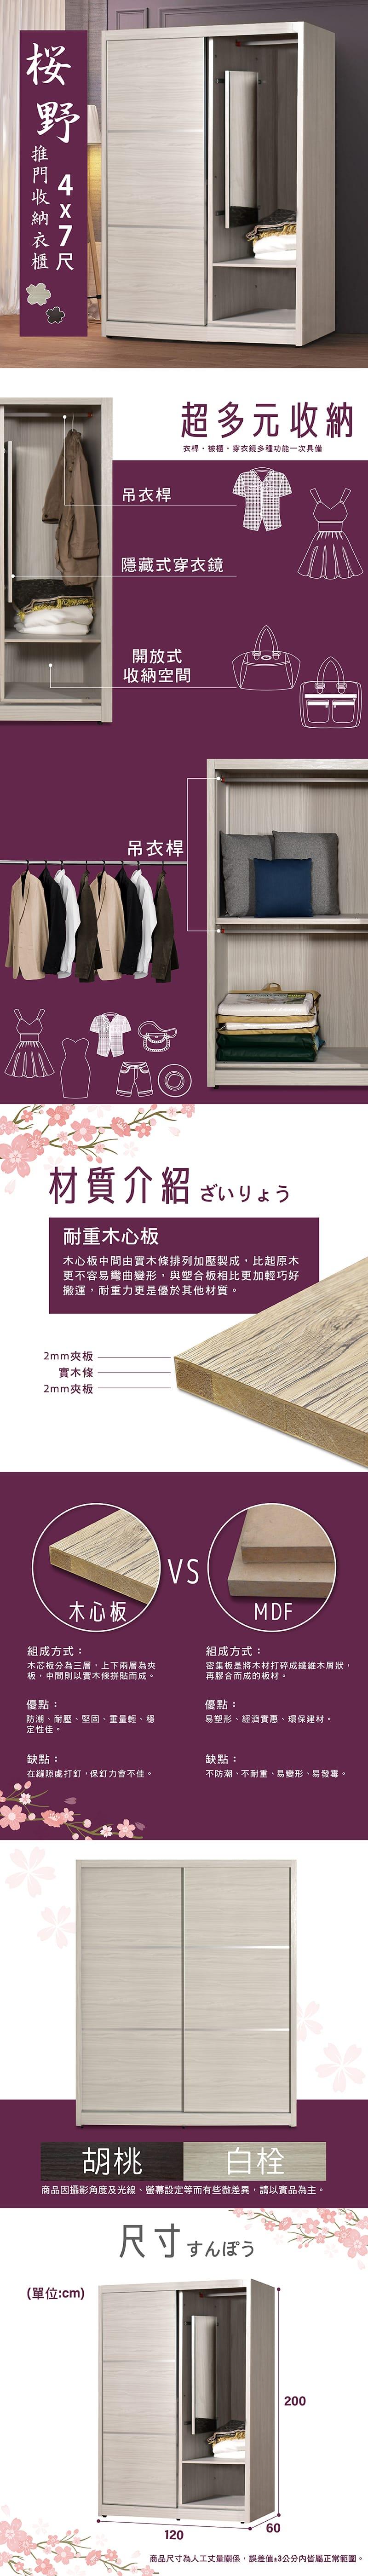 滑門收納置物衣櫃 寬121cm【櫻野】